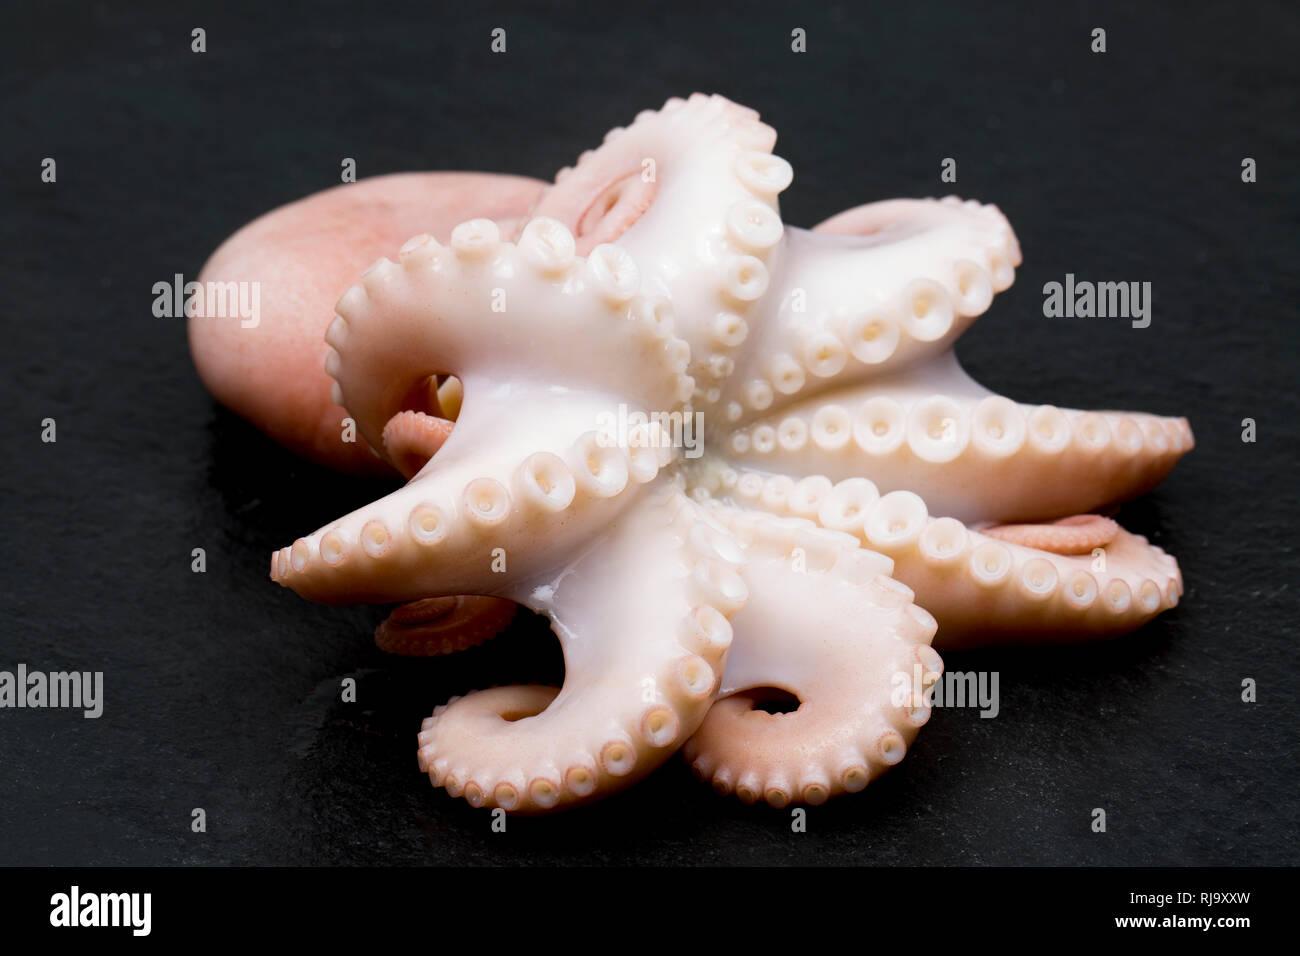 Le ventose e i tentacoli di un minore cotti o moscardini, Eledone cirrhosa, che è stato pescato commercialmente nelle acque del Regno Unito e acquistate da un fornitore Immagini Stock